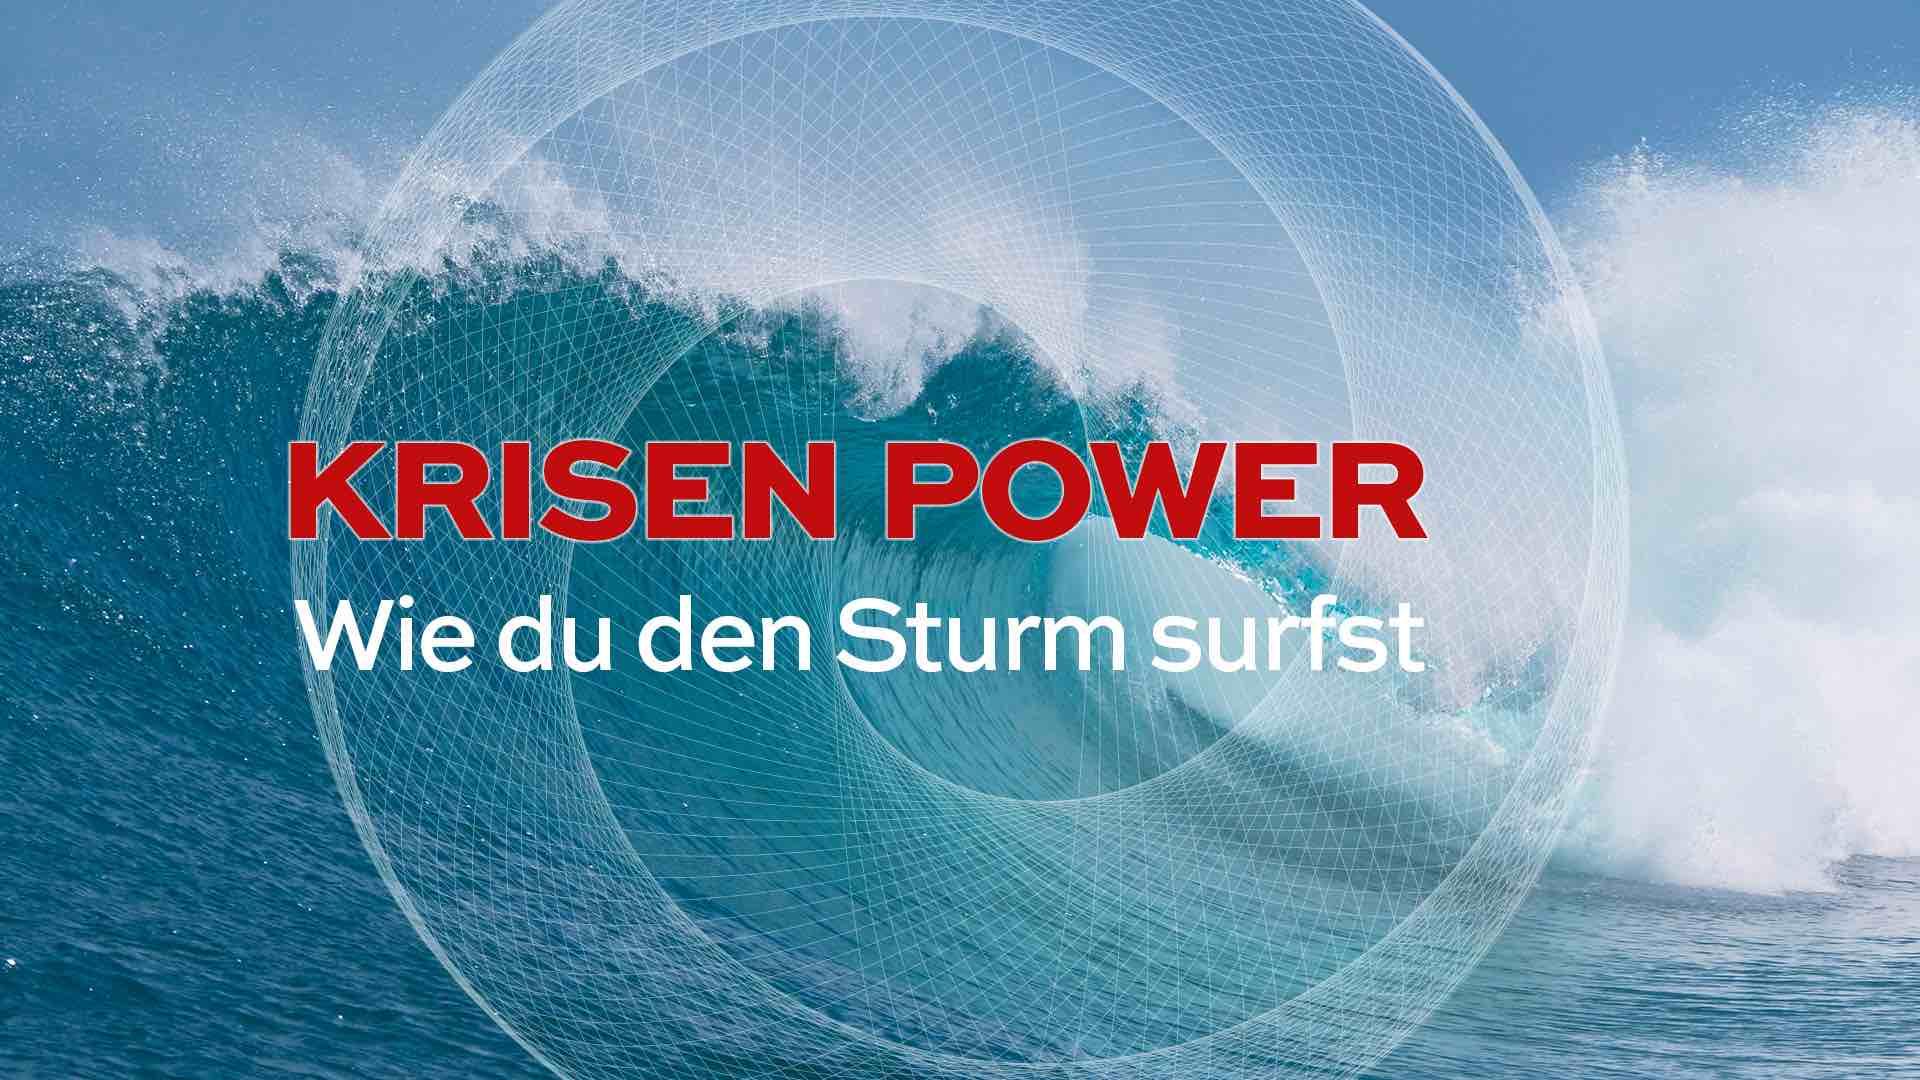 Krisen Power